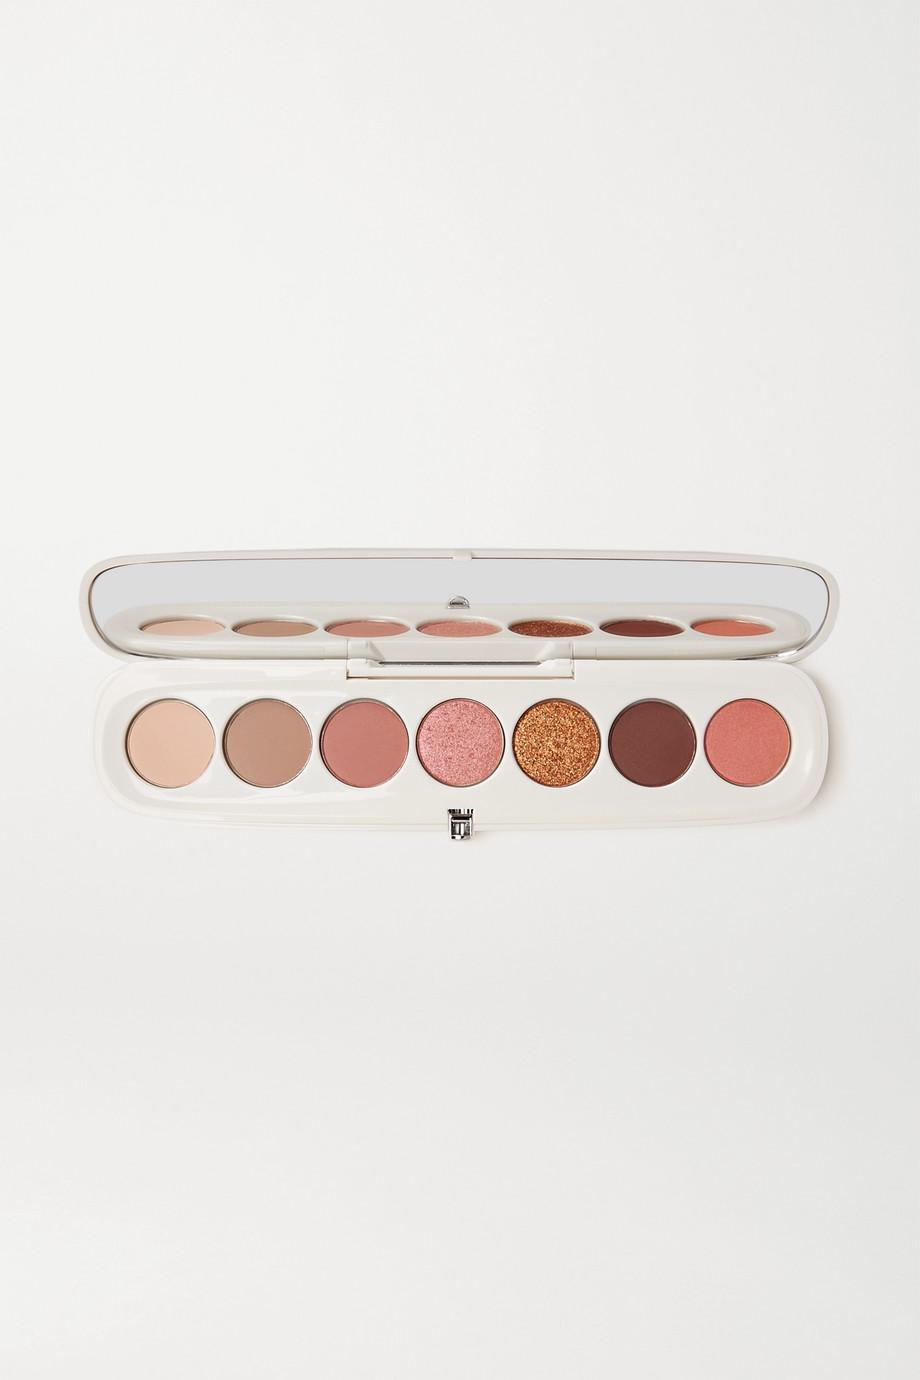 Marc Jacobs Beauty Eye-Conic Longwear Eyeshadow Palette - Fantascene 790